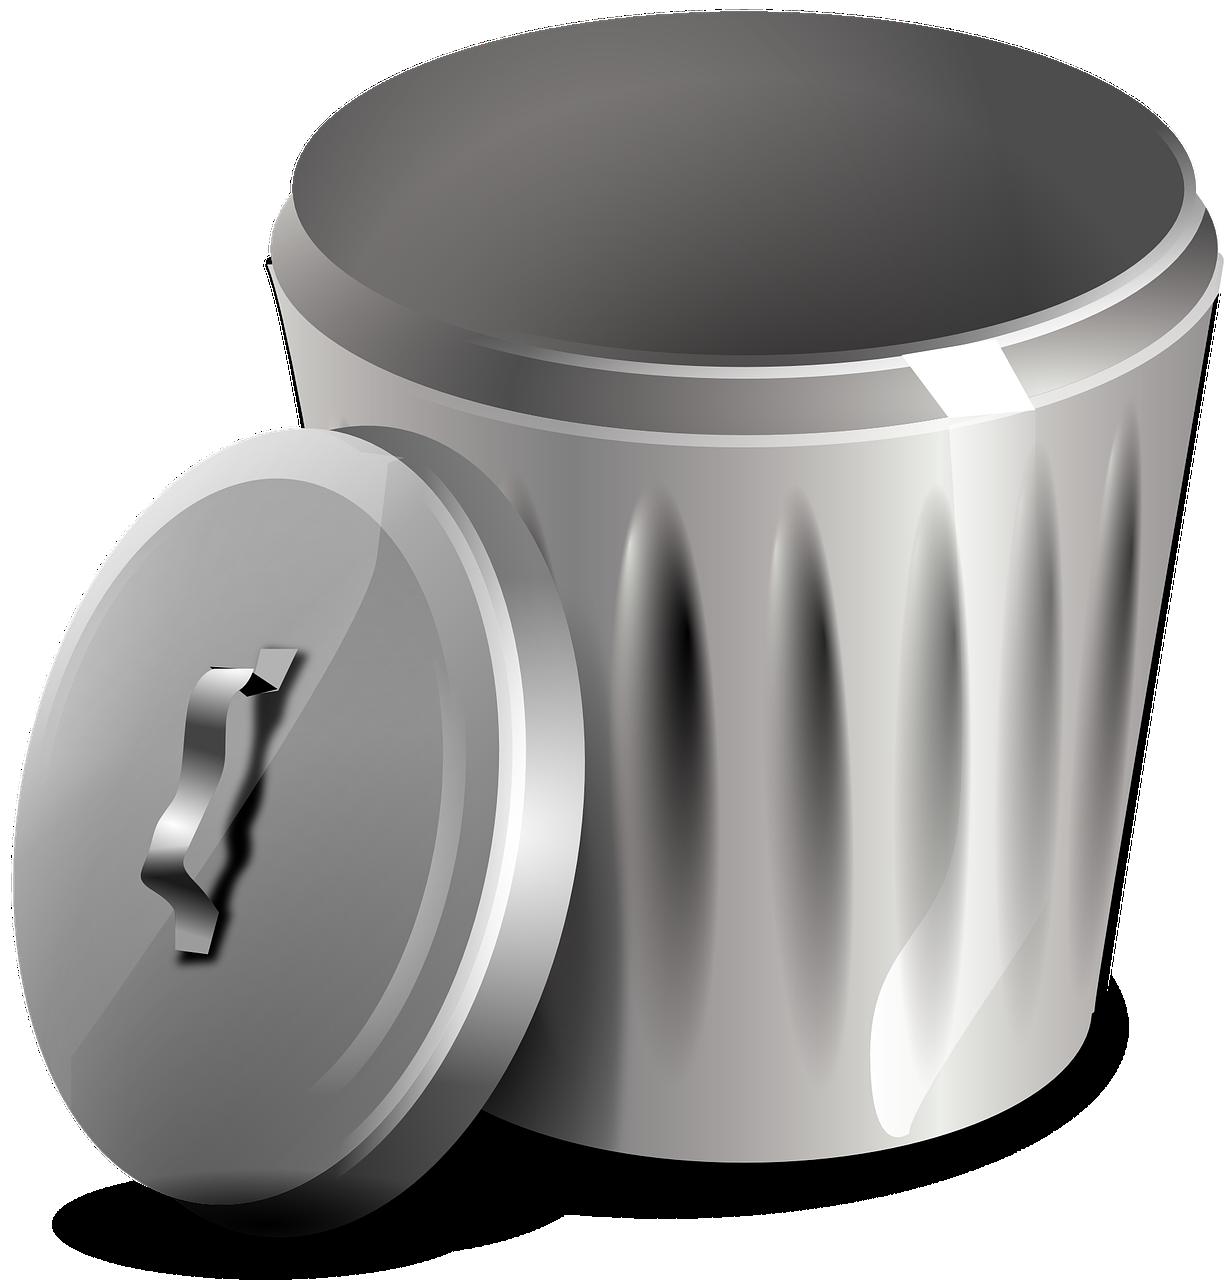 Collecte des ordures ménagères basse-saison